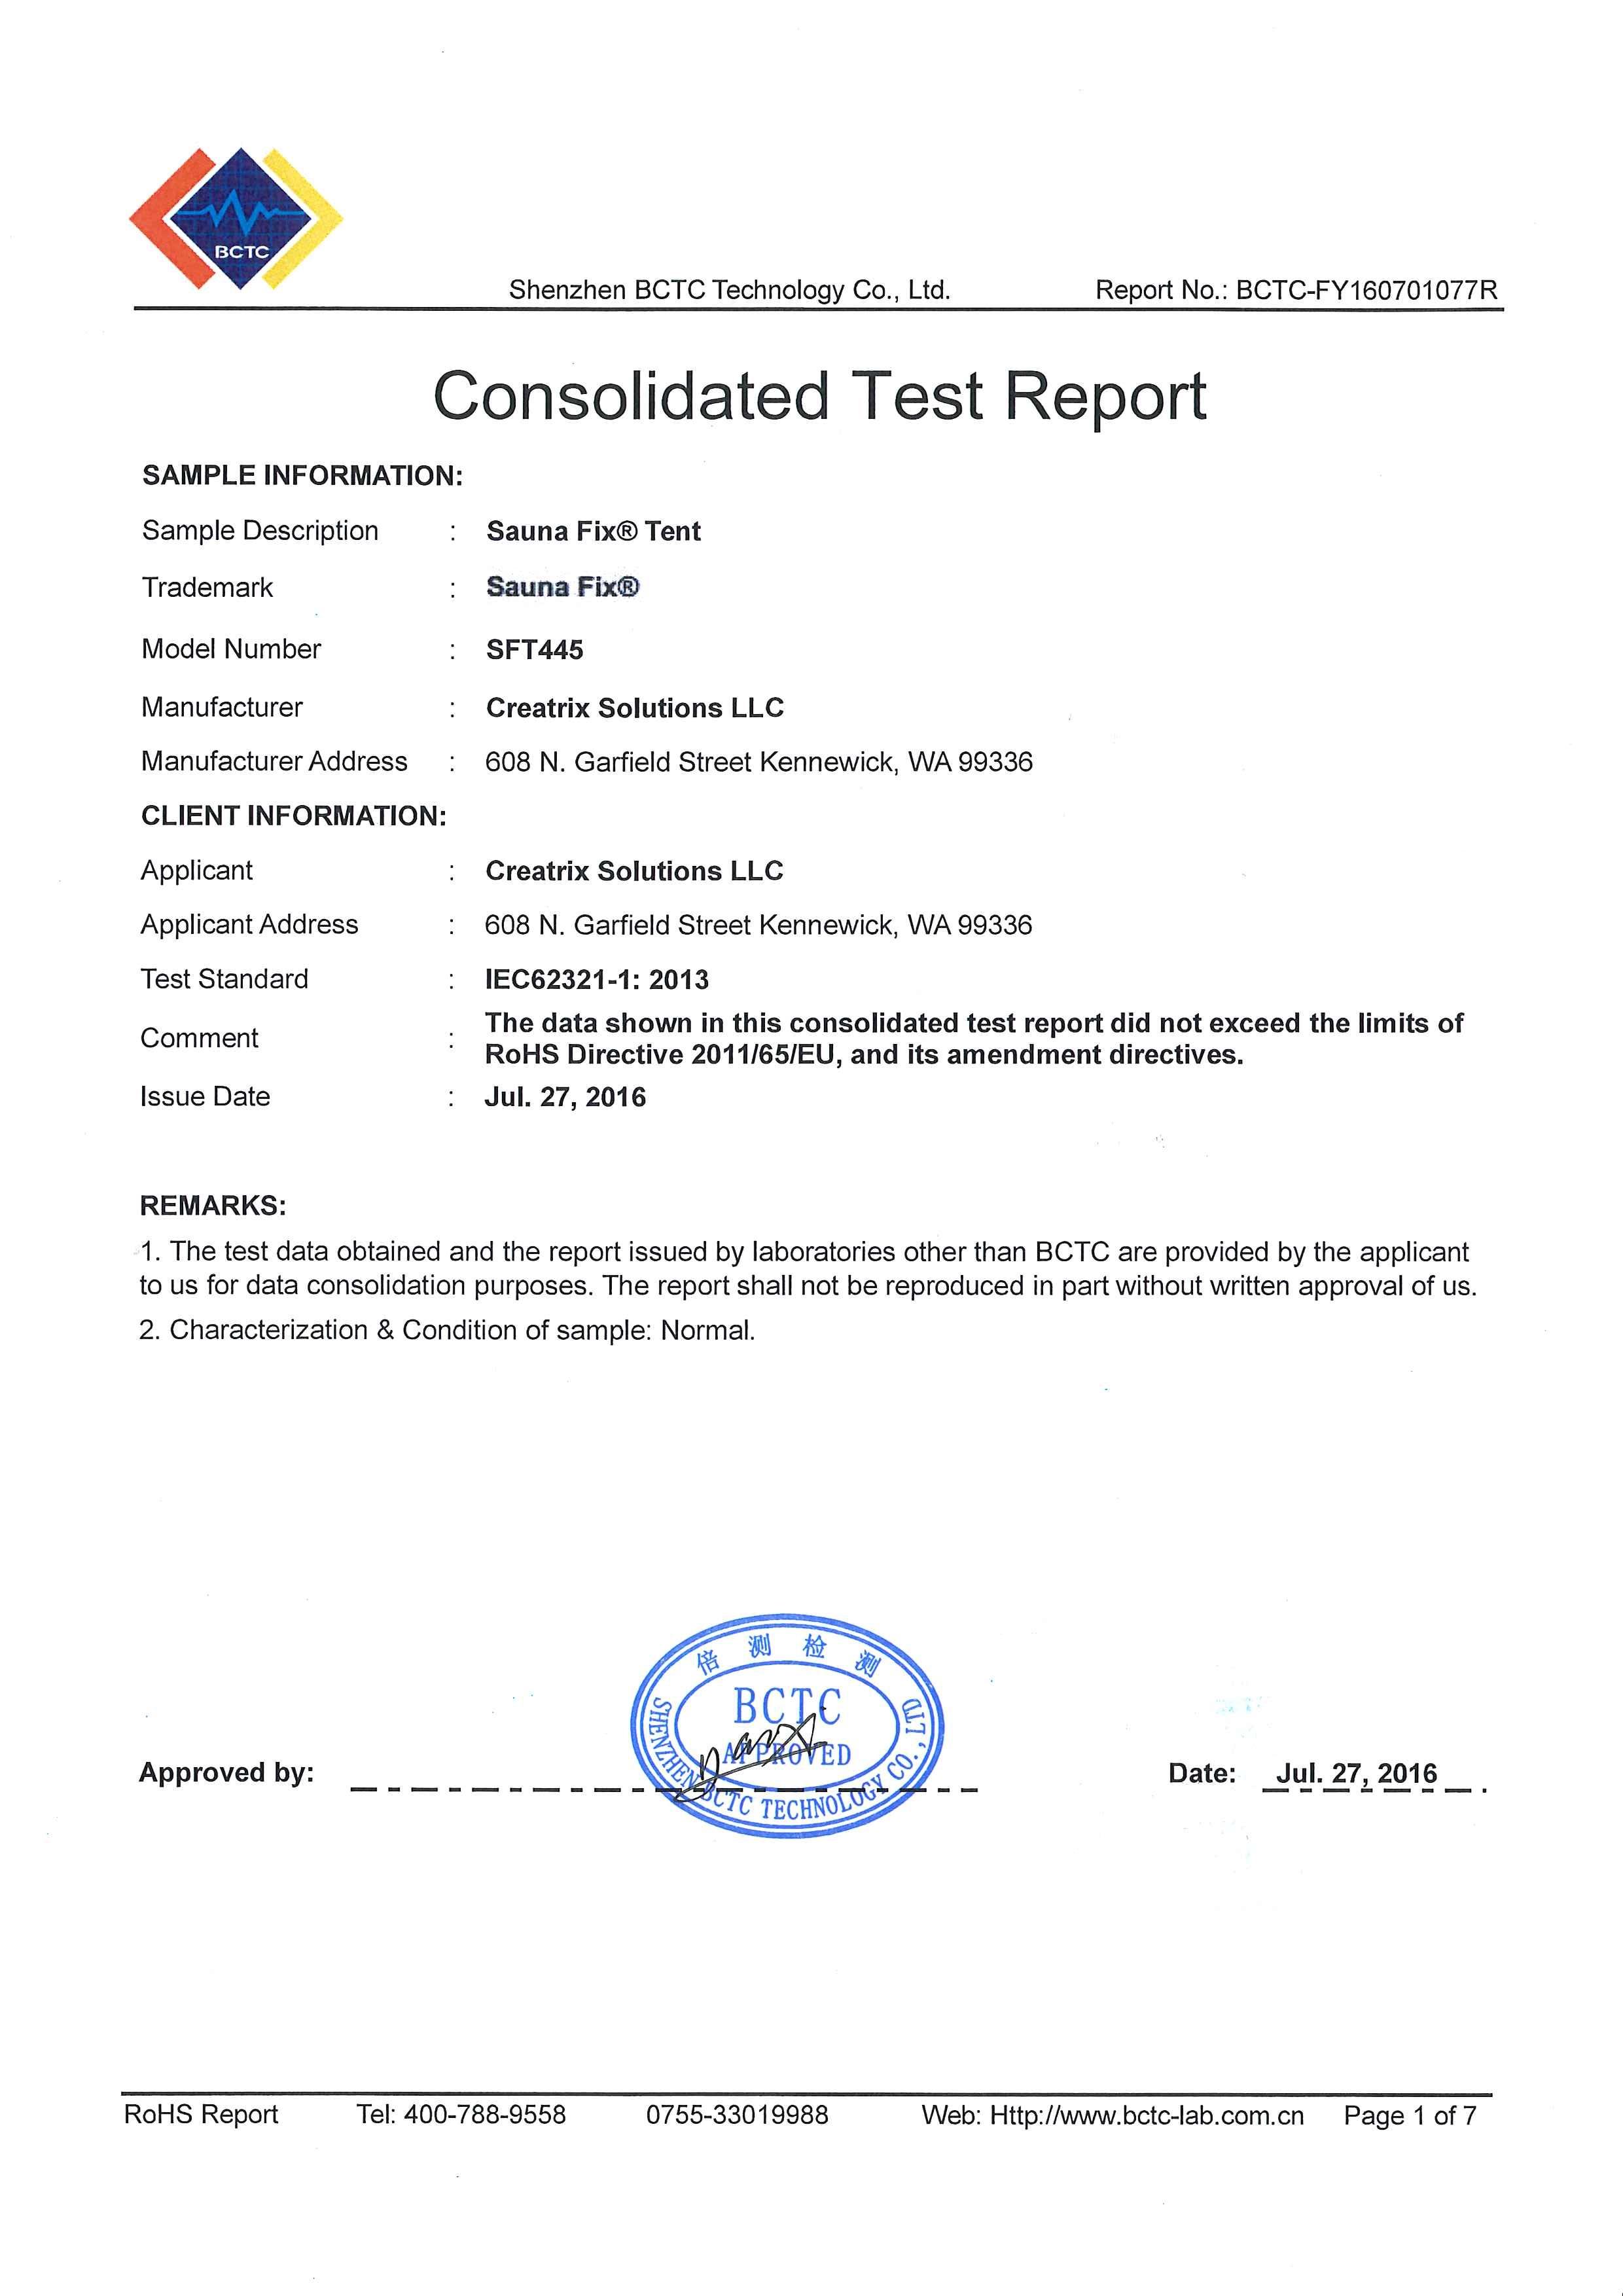 sauna-fix-tent-rohs-report-page-1b.jpg